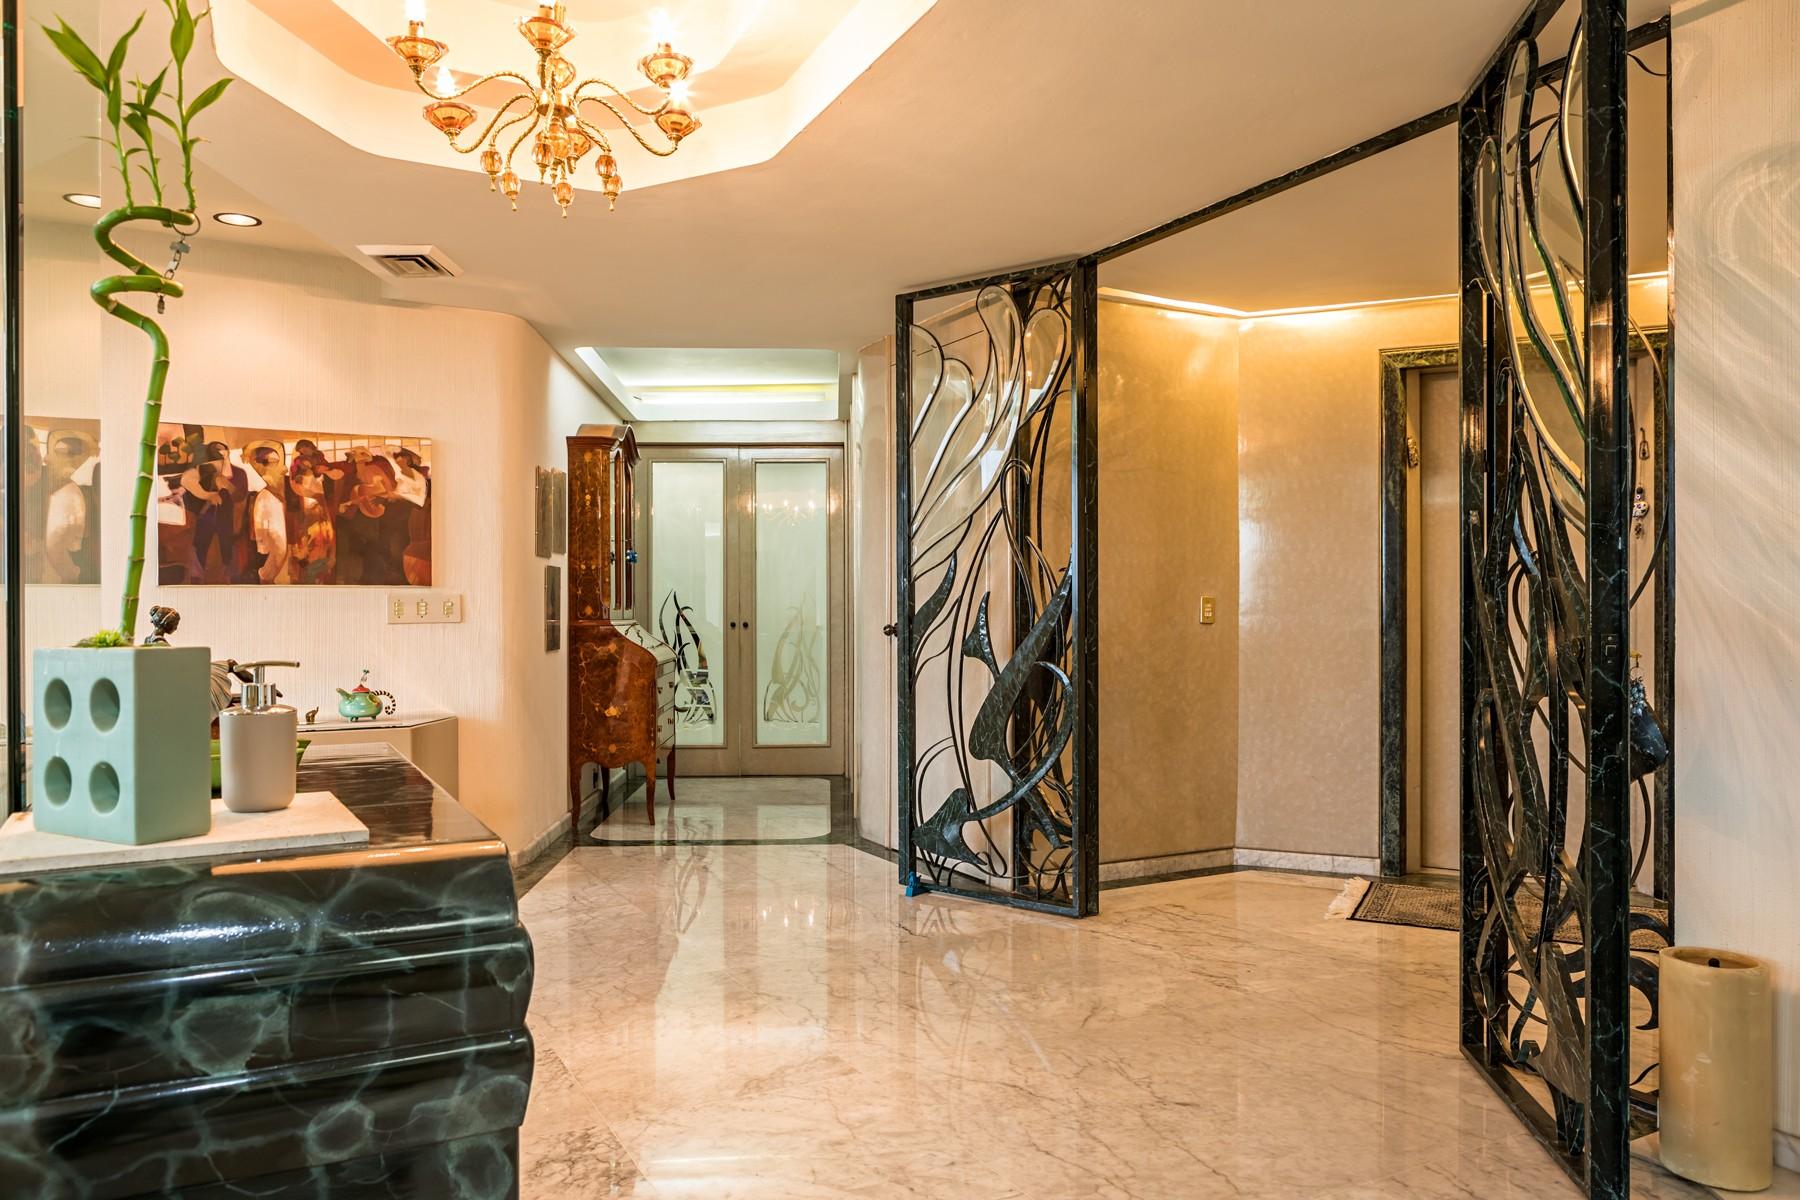 Apartamento por un Venta en Departamento Paseo del Edén Paseo del Edén 2449 Guadalajara, Jalisco 44660 México